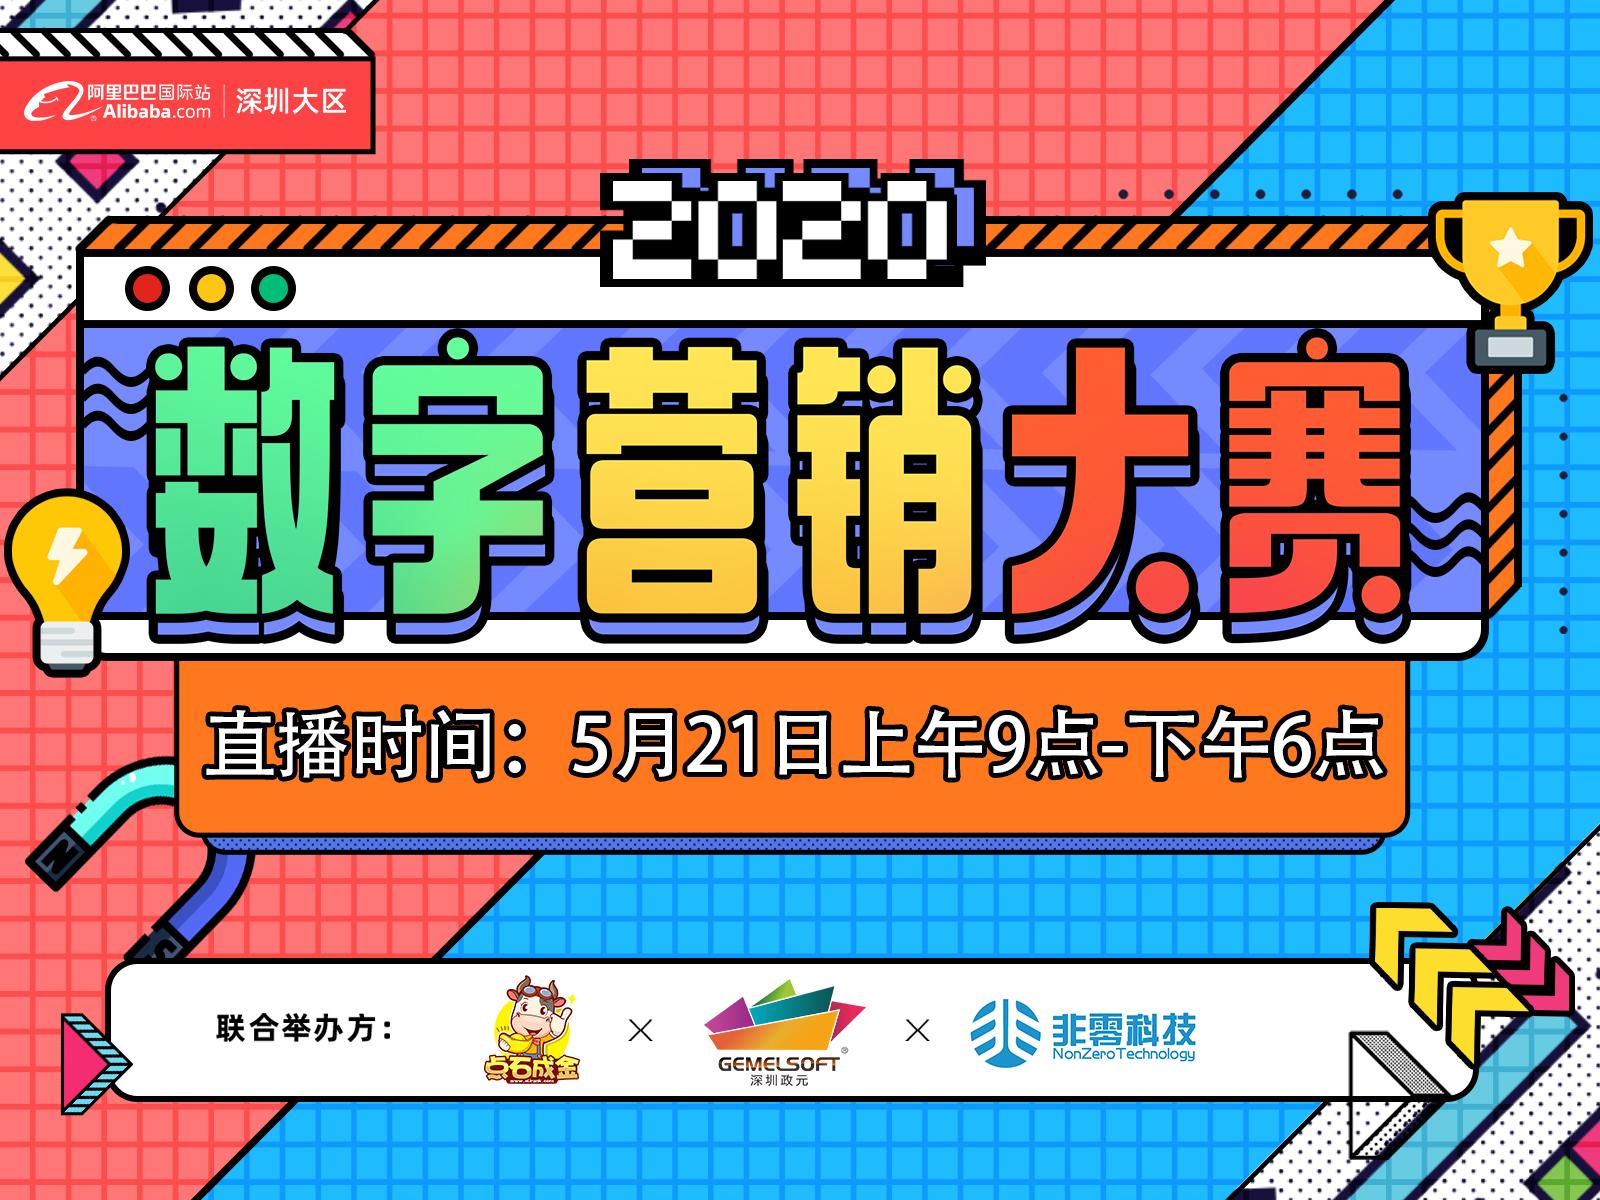 阿里巴巴国际站深圳大区《数字营销大赛》深南区域决赛